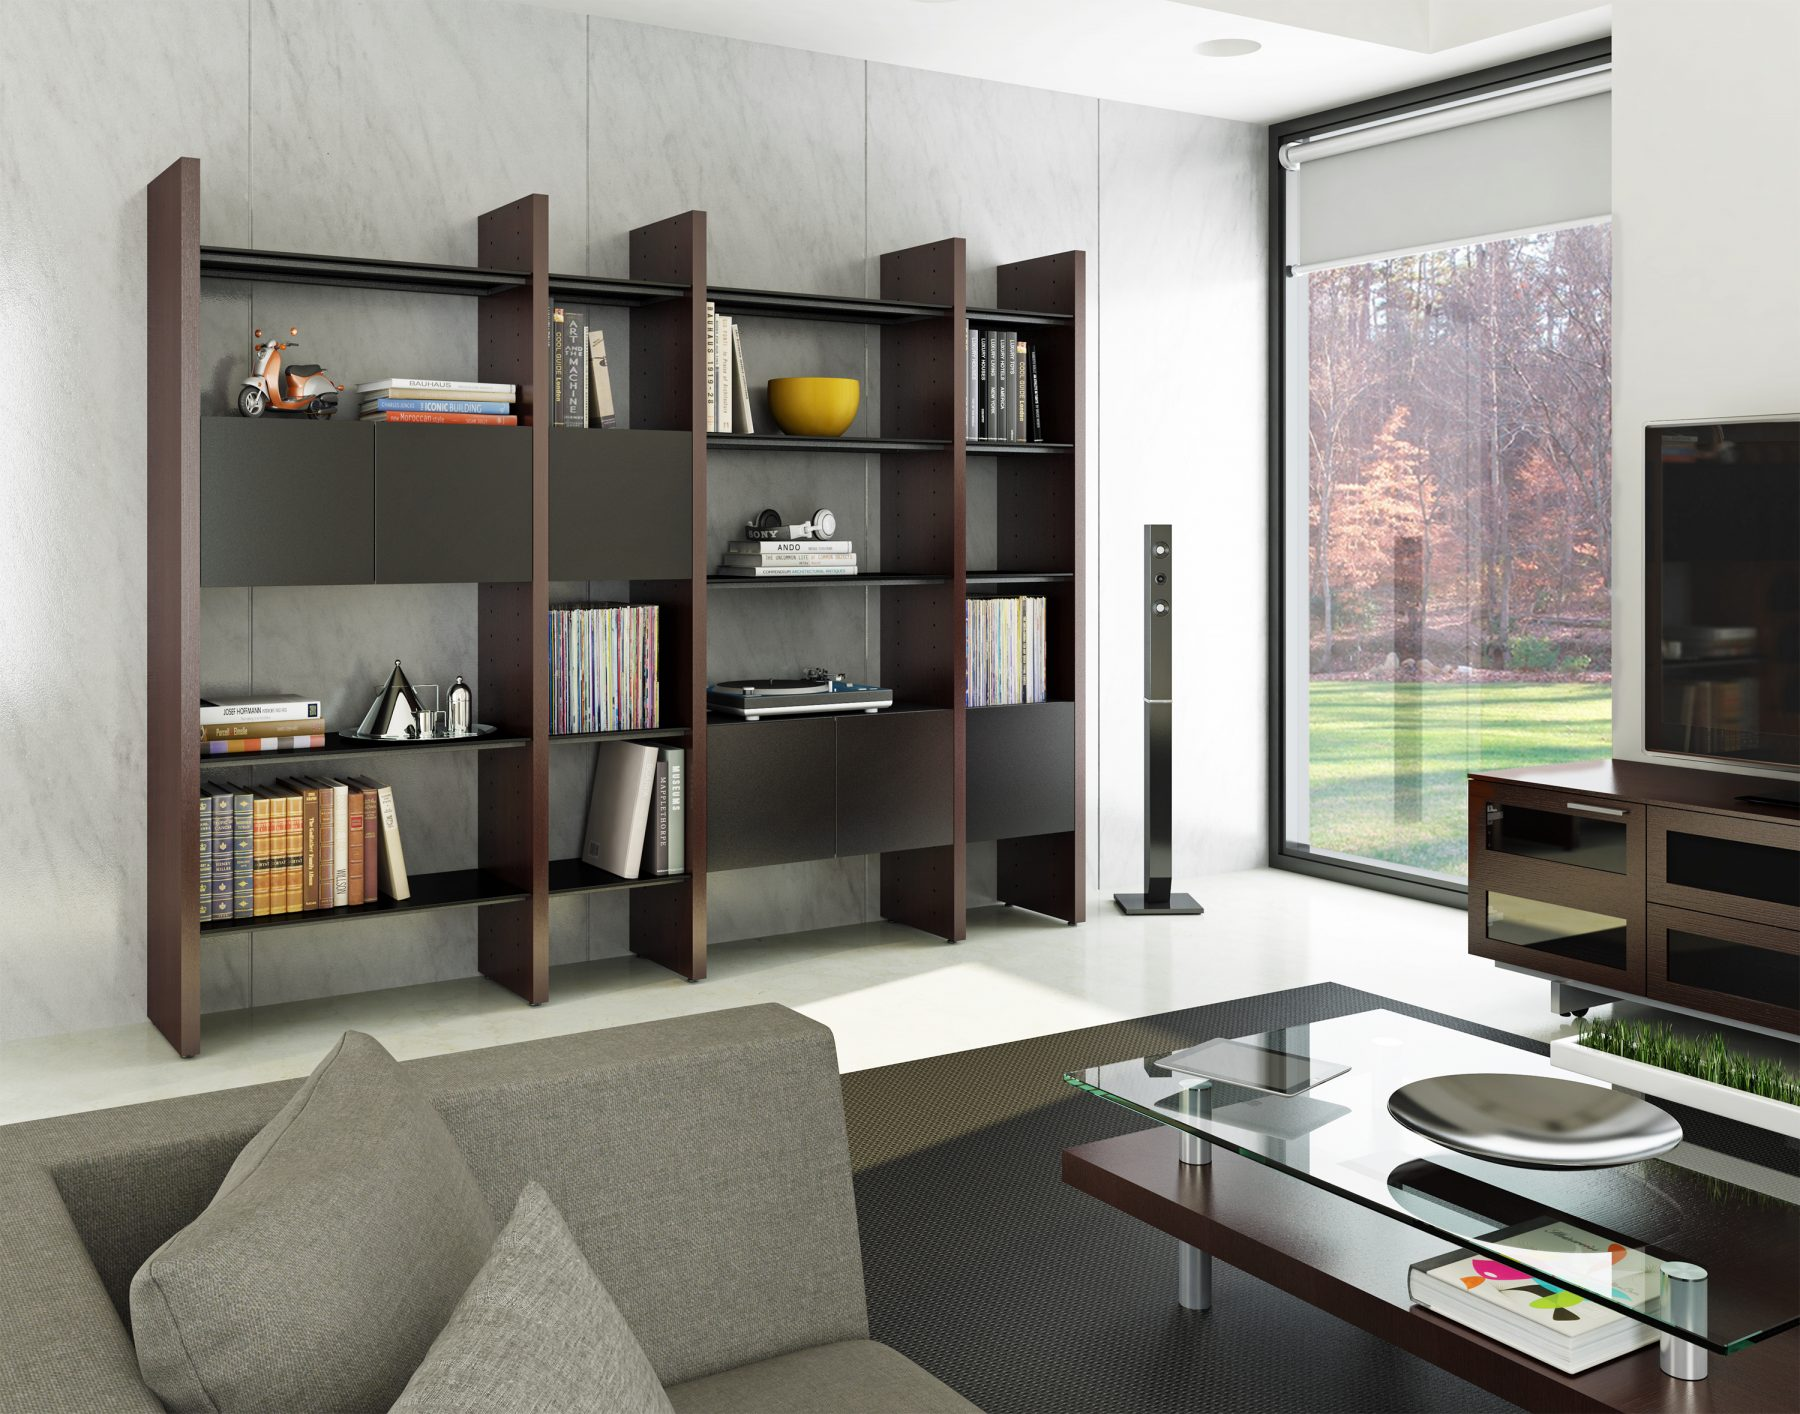 semblance-5404gb-bdi-espresso-modular-storage-system-lifestyle-1